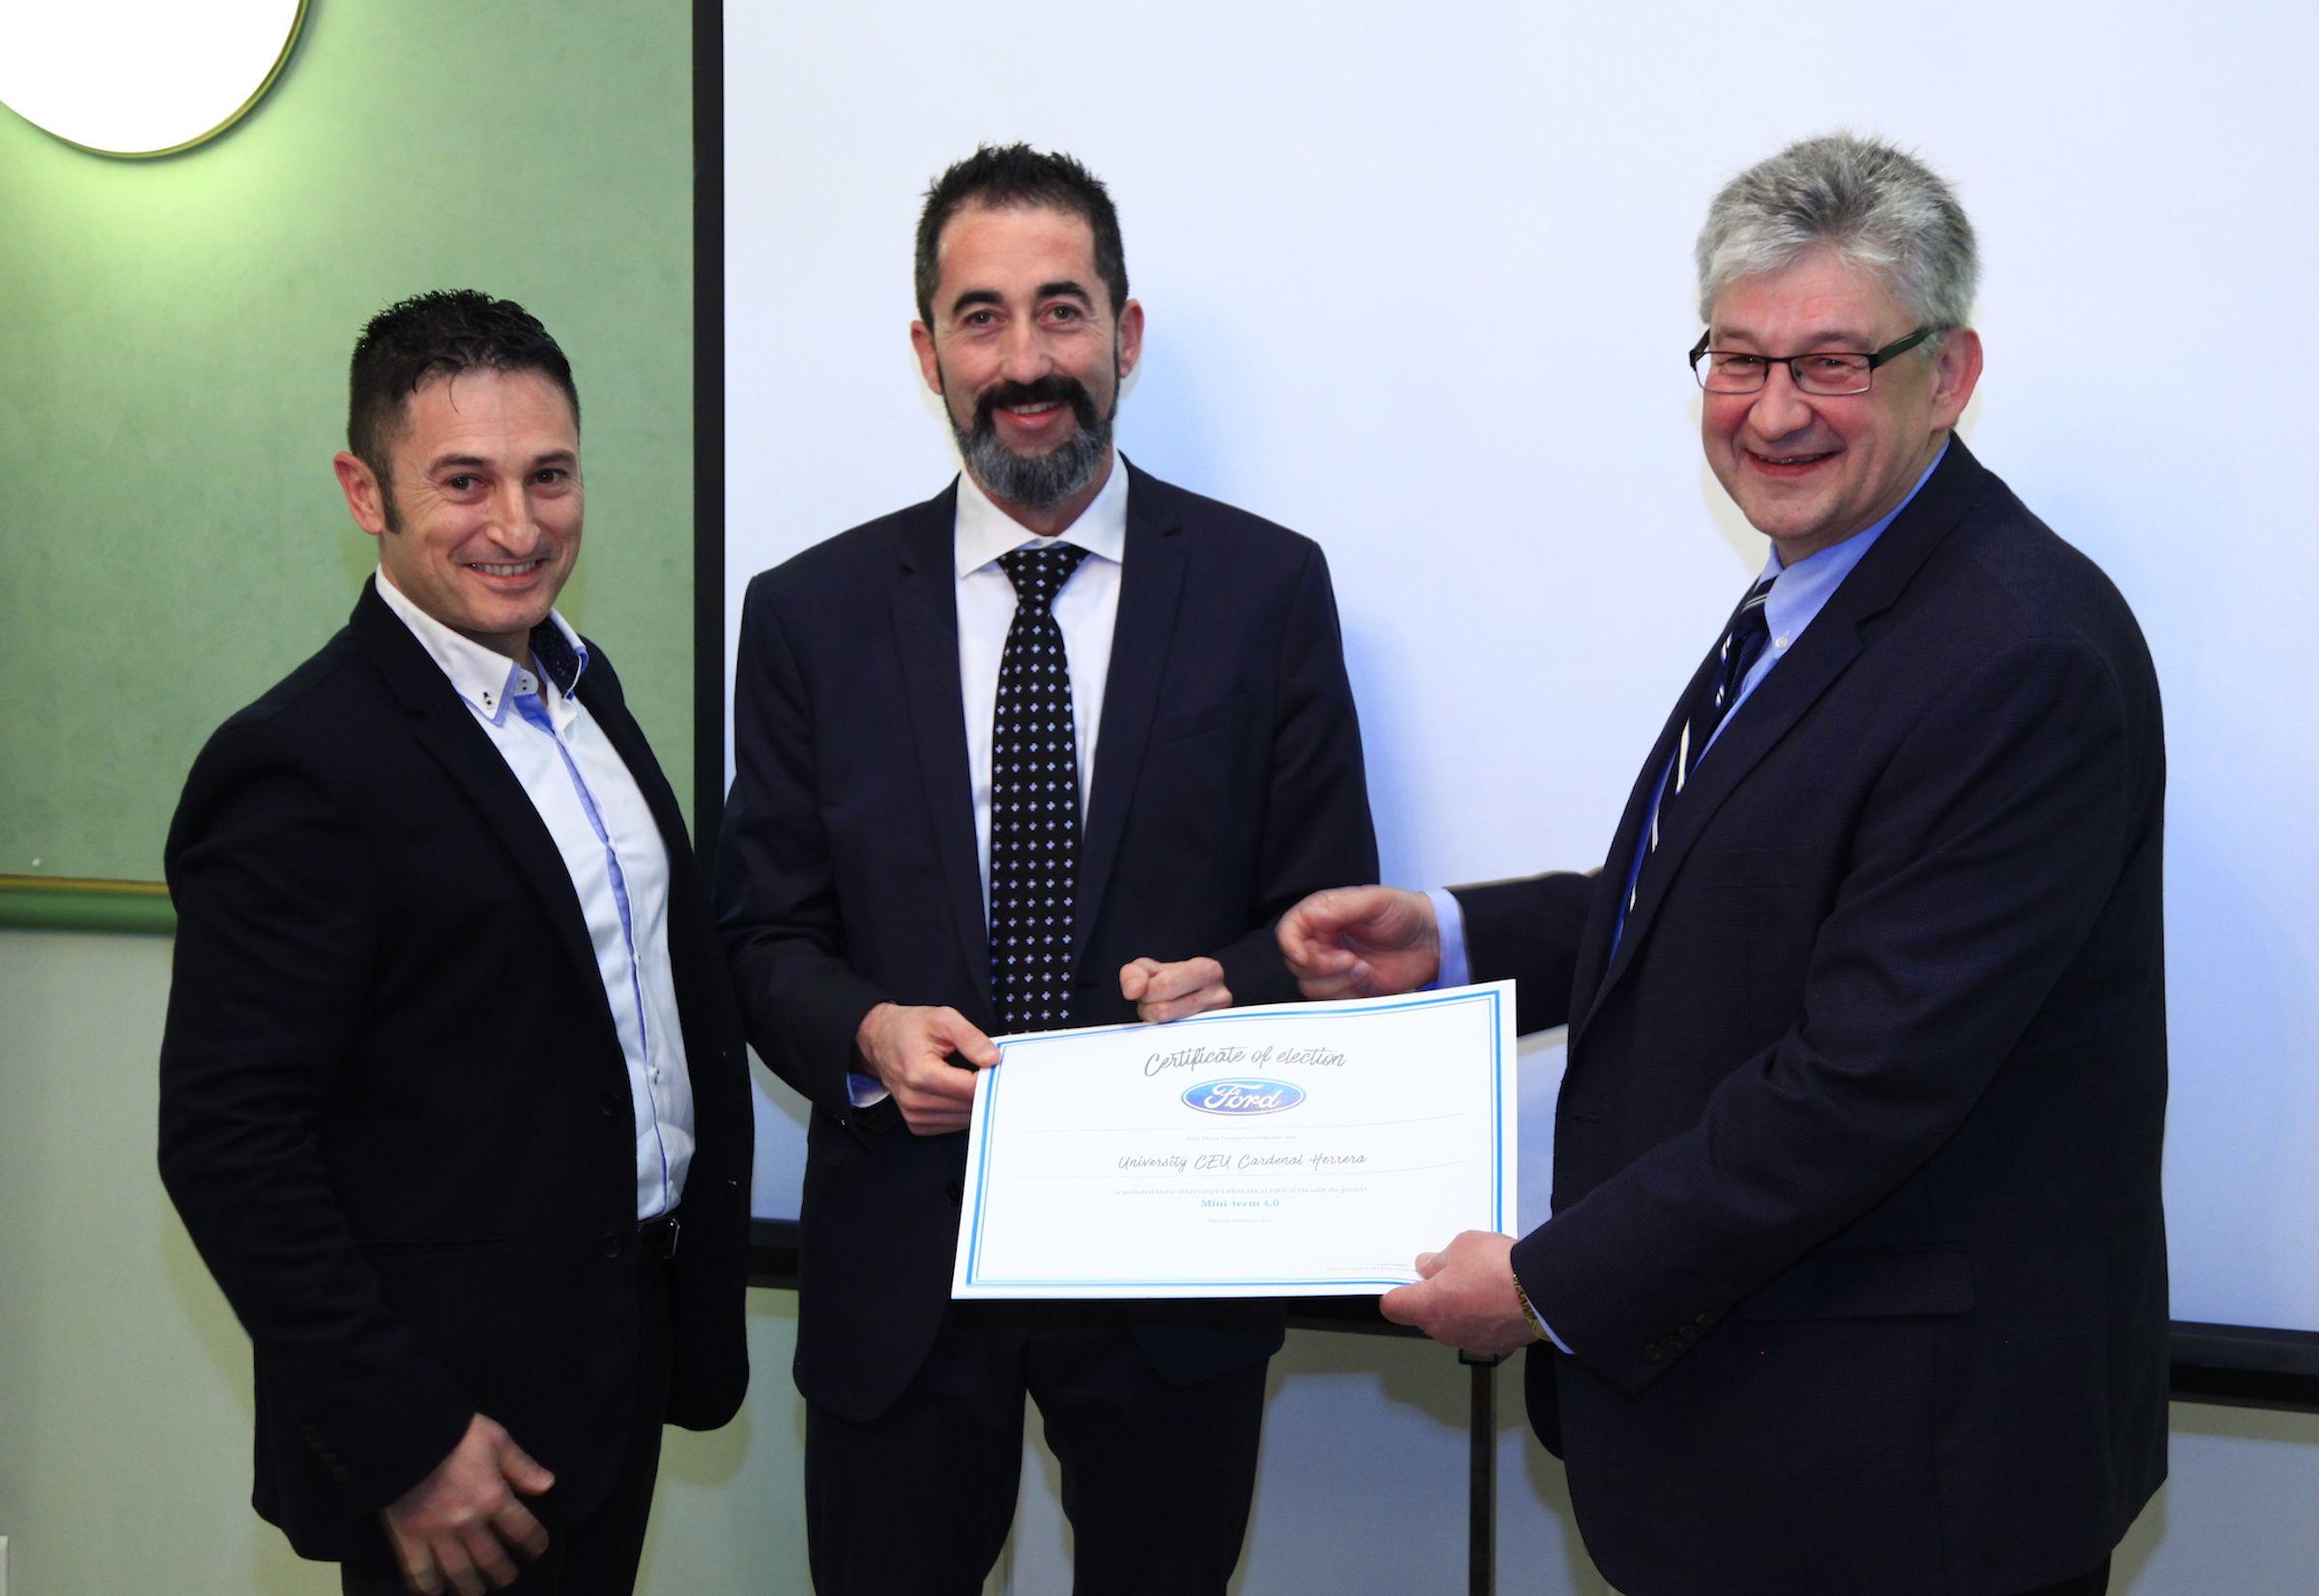 """Los investigadores principales del proyecto """"Miniterm 4.0"""" Eduardo García Magraner (Ford Valencia) y Nicolas Montés (Grupo AIR de la CEU UCH), reciben el diploma de colaboradores del URP de Ford Motor Company, de manos de Oleg Gusikhin."""